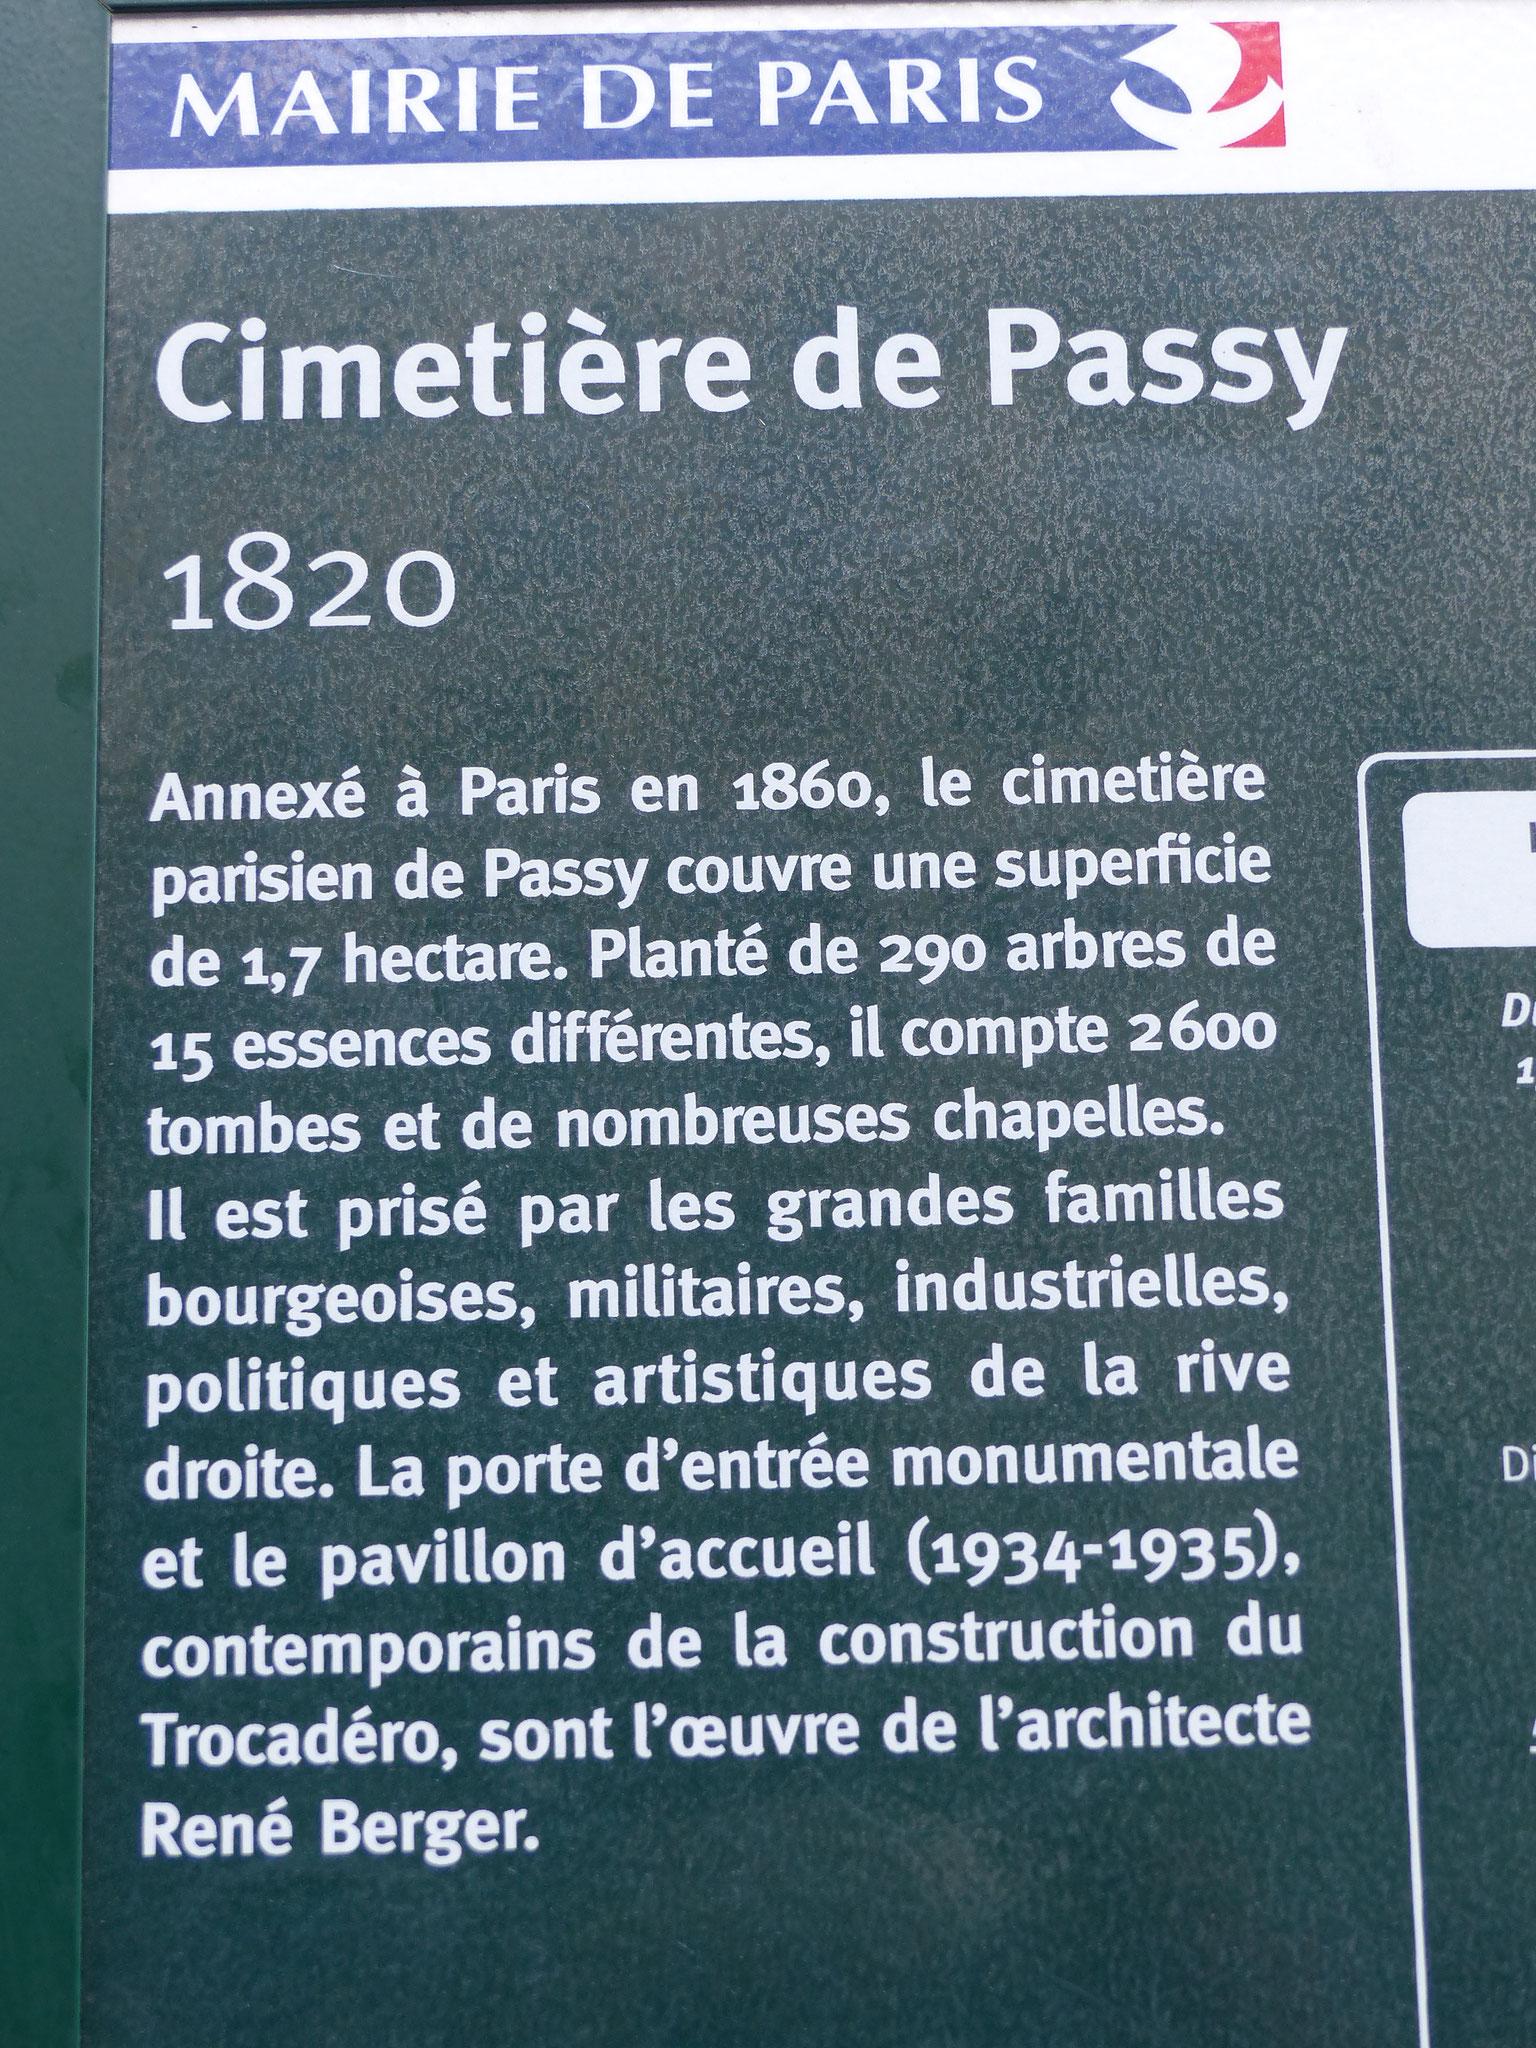 Cimetière de Passy